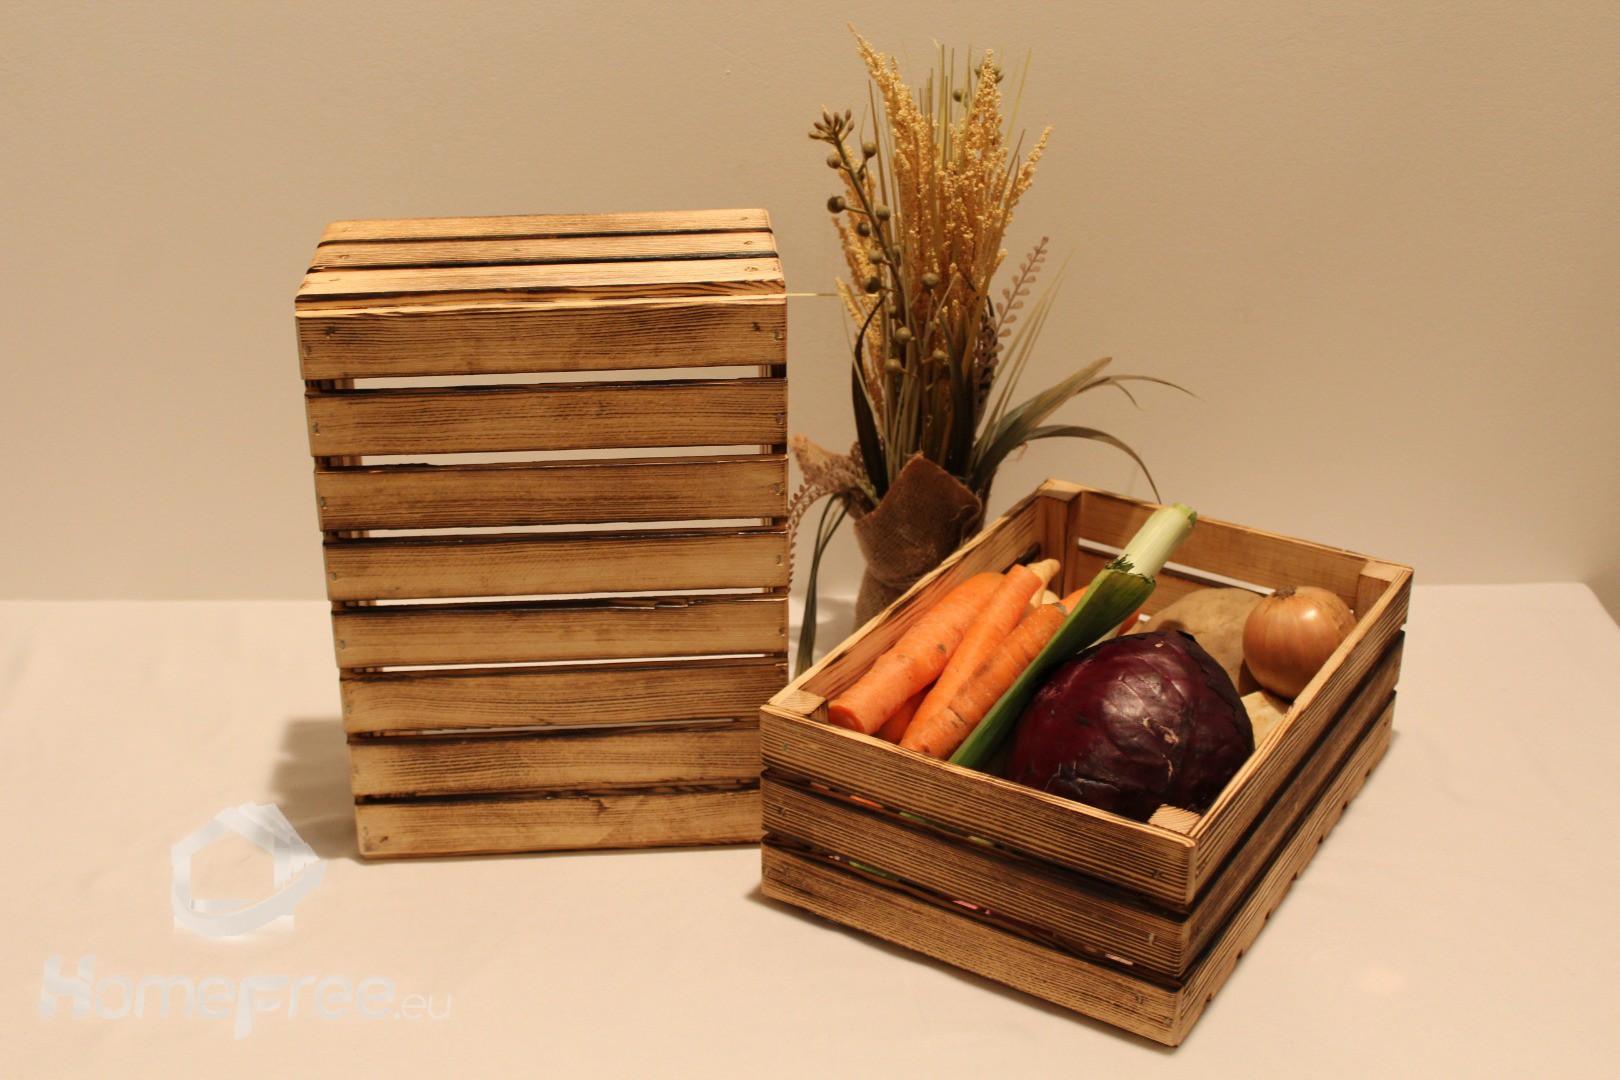 Skrzynki Drewniane Na Owoce Warzywa Tanio Dekoracyjne Półki